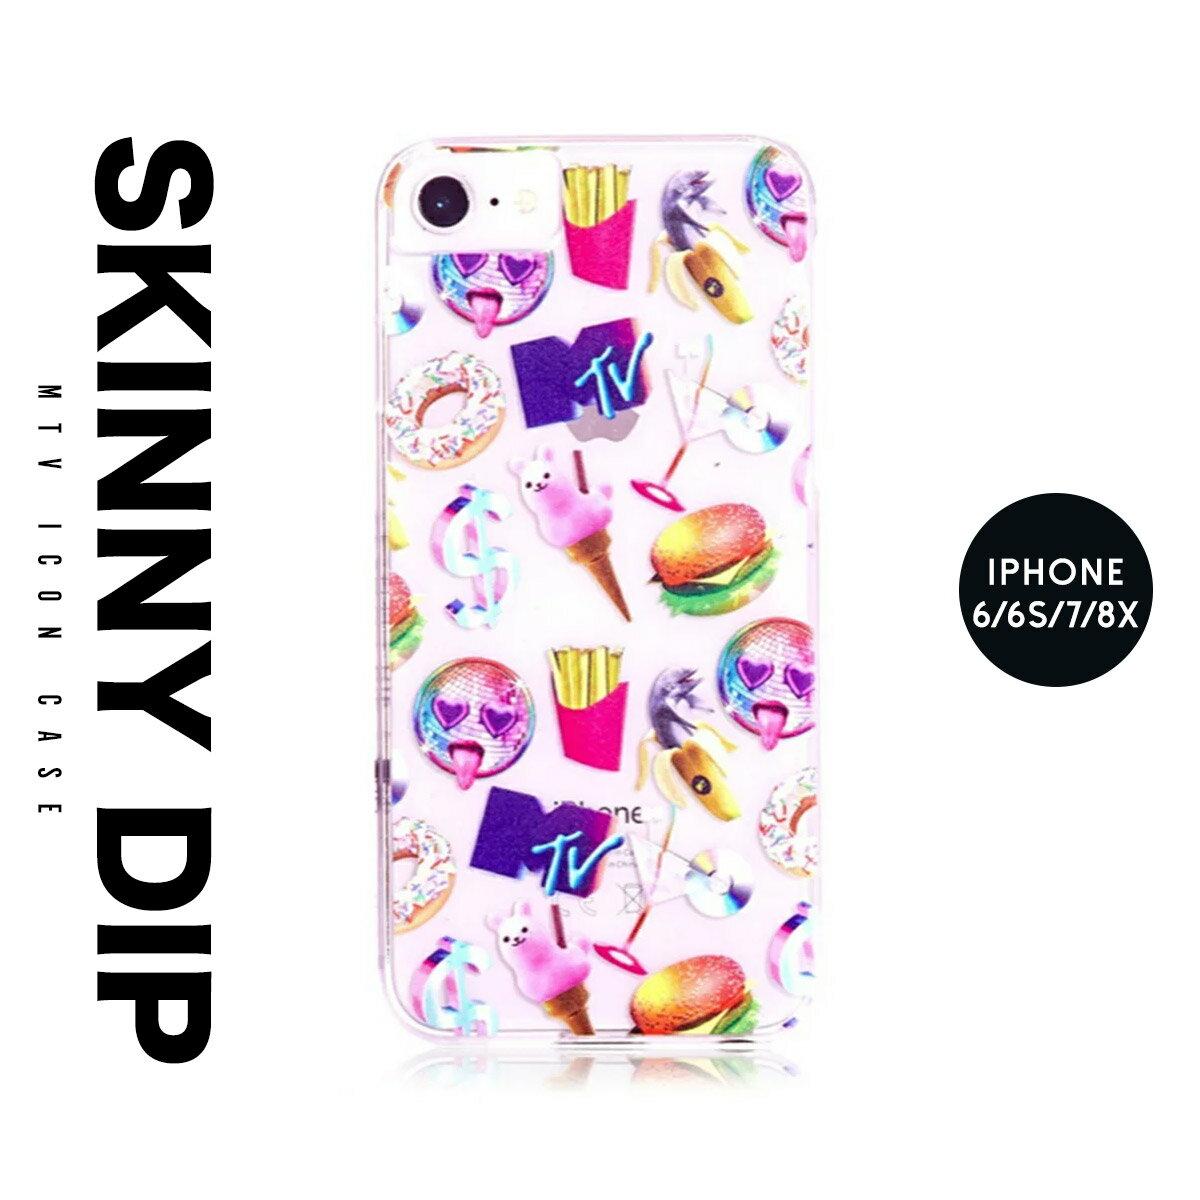 iPhone8 iPhone7 iPhone6 6s アイフォン カバー ケース MTV ロゴ skinnydip スキニーディップ emoji 絵文字 スマートフォン スマホ メール便 送料無料